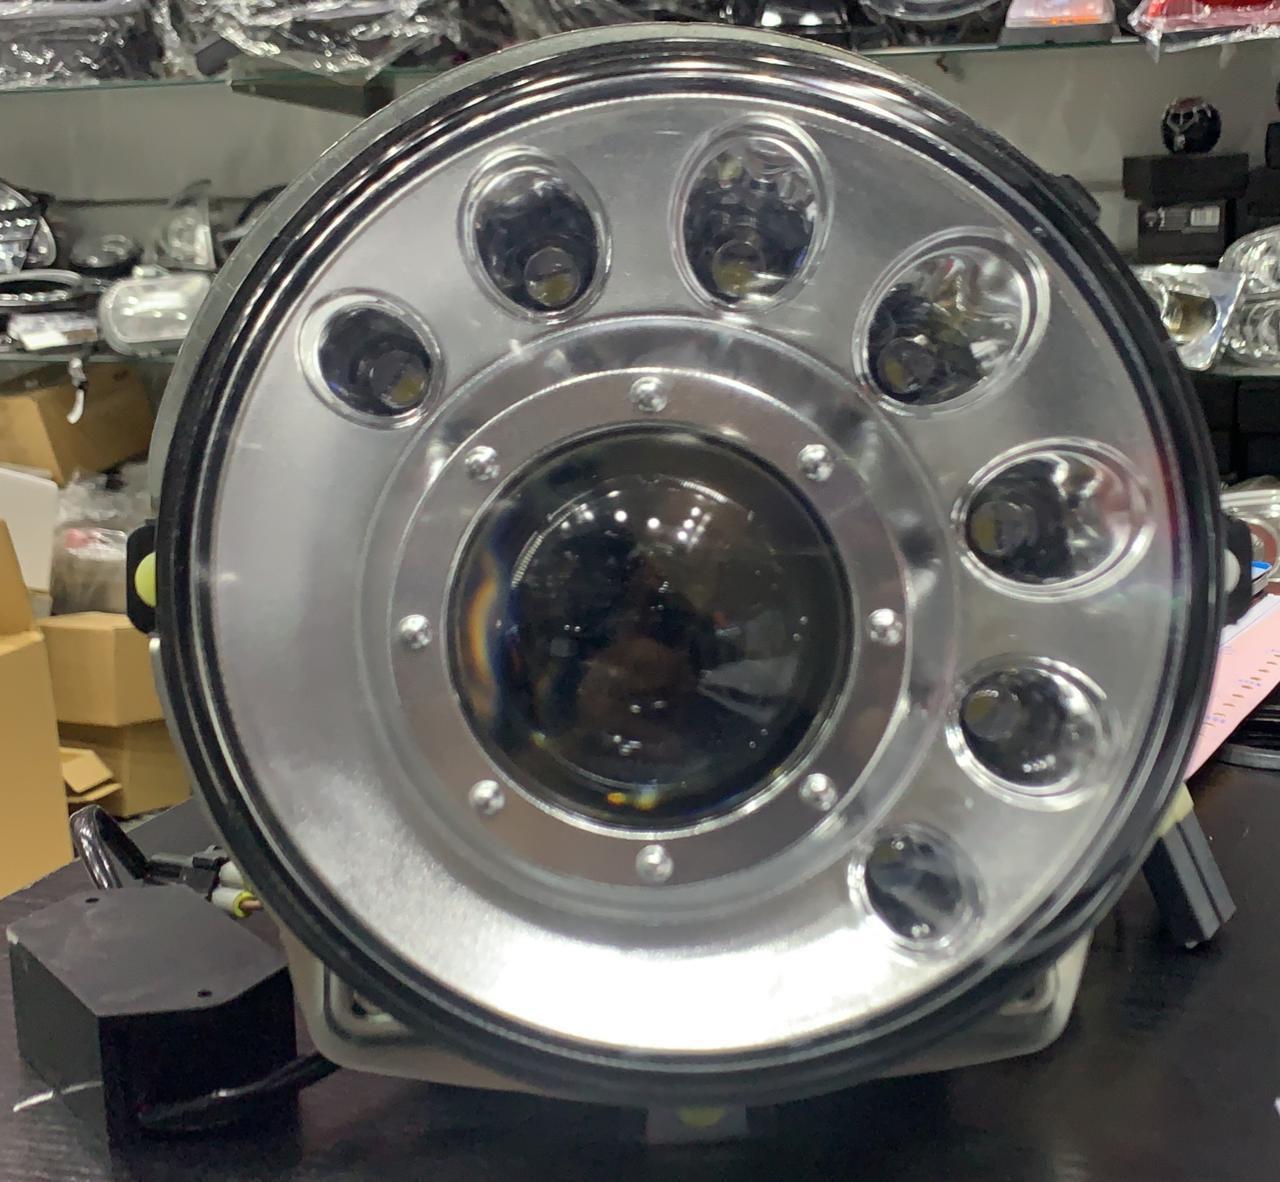 Передняя оптика Мanor (большой тип, 2006-2017) Mercedes G klass W463 1990-2018 гг. / Передние фары Мерседес